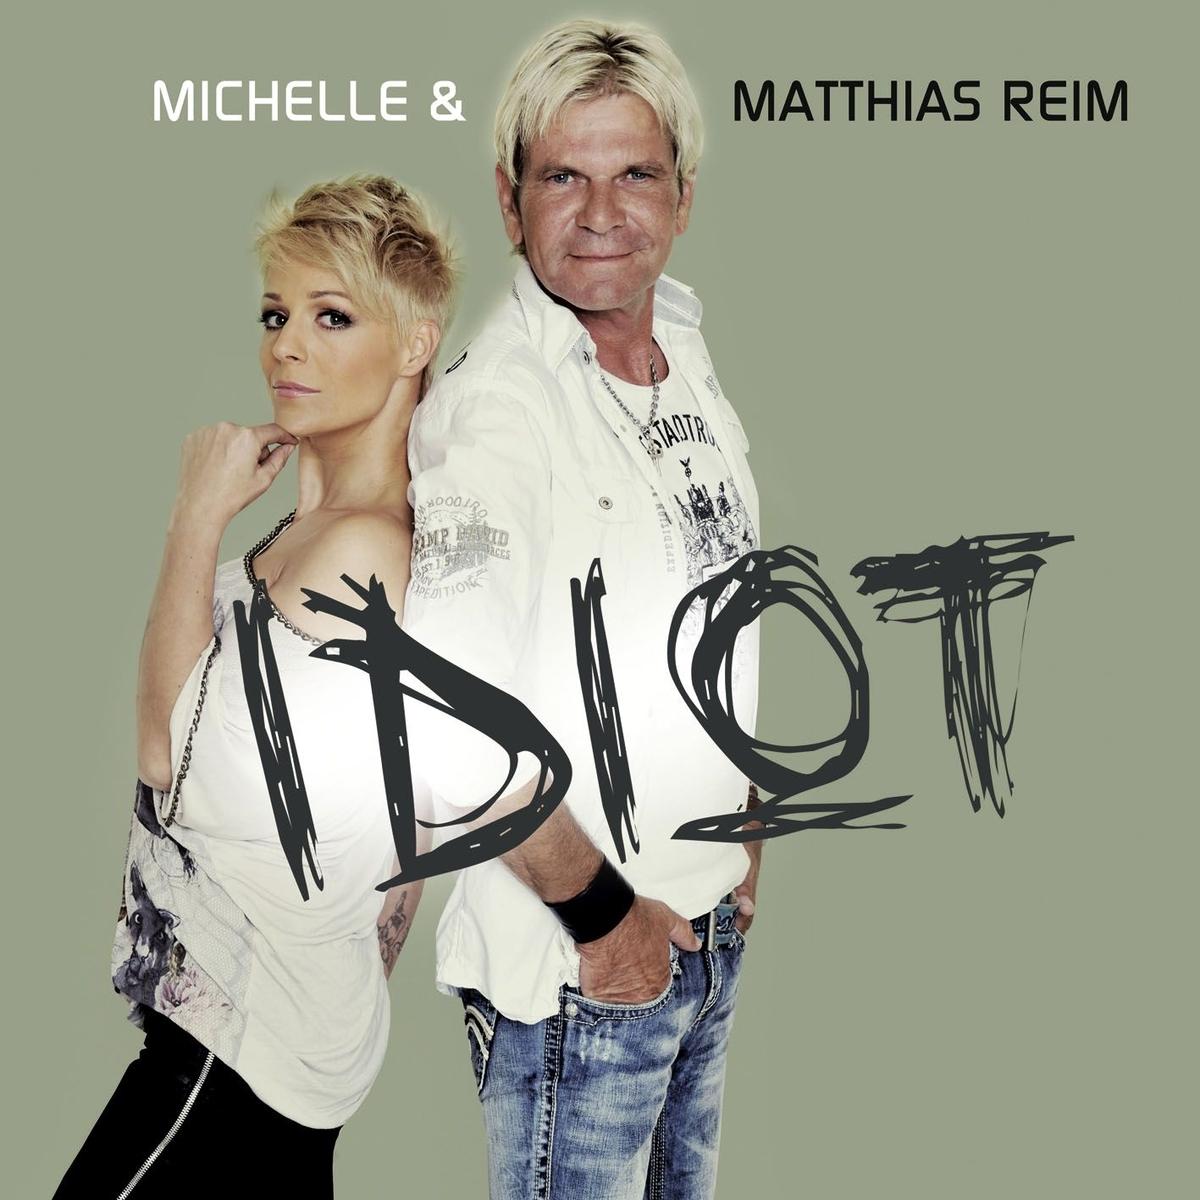 Michelle und matthias reim nicht verdient